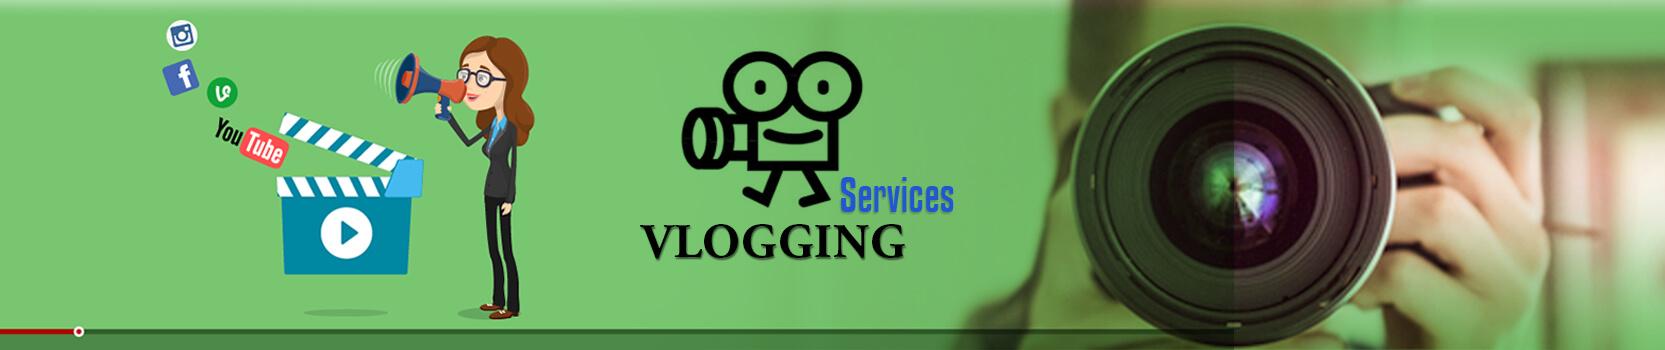 Vlogging Services